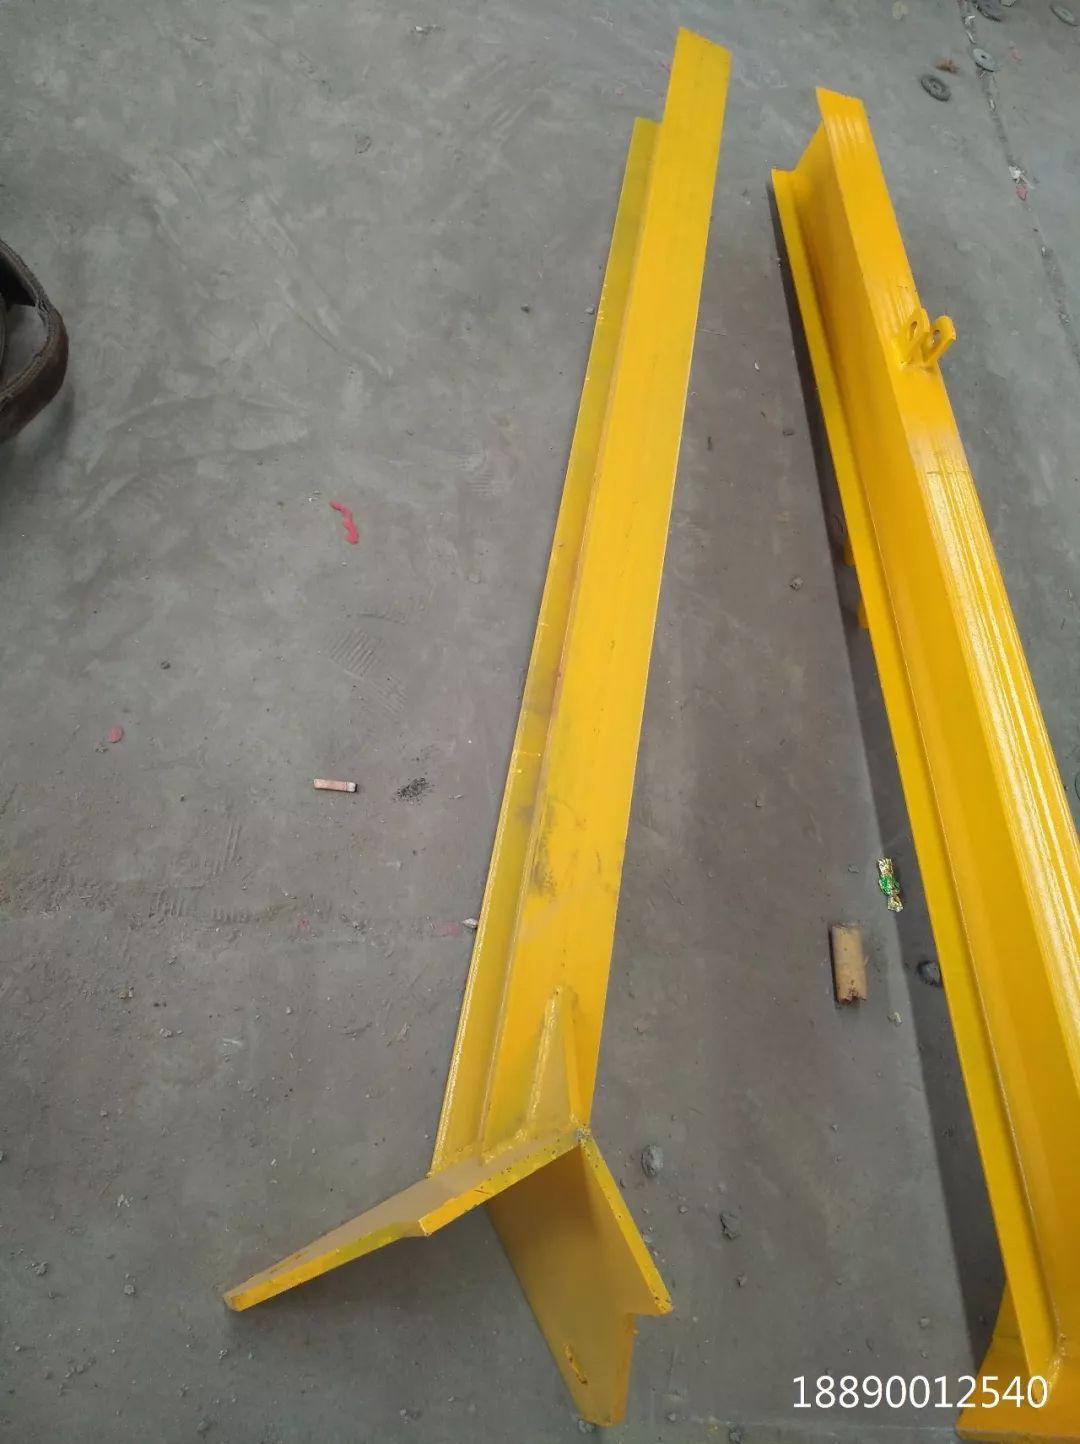 一种新型悬挑架的安装搭设装置_20